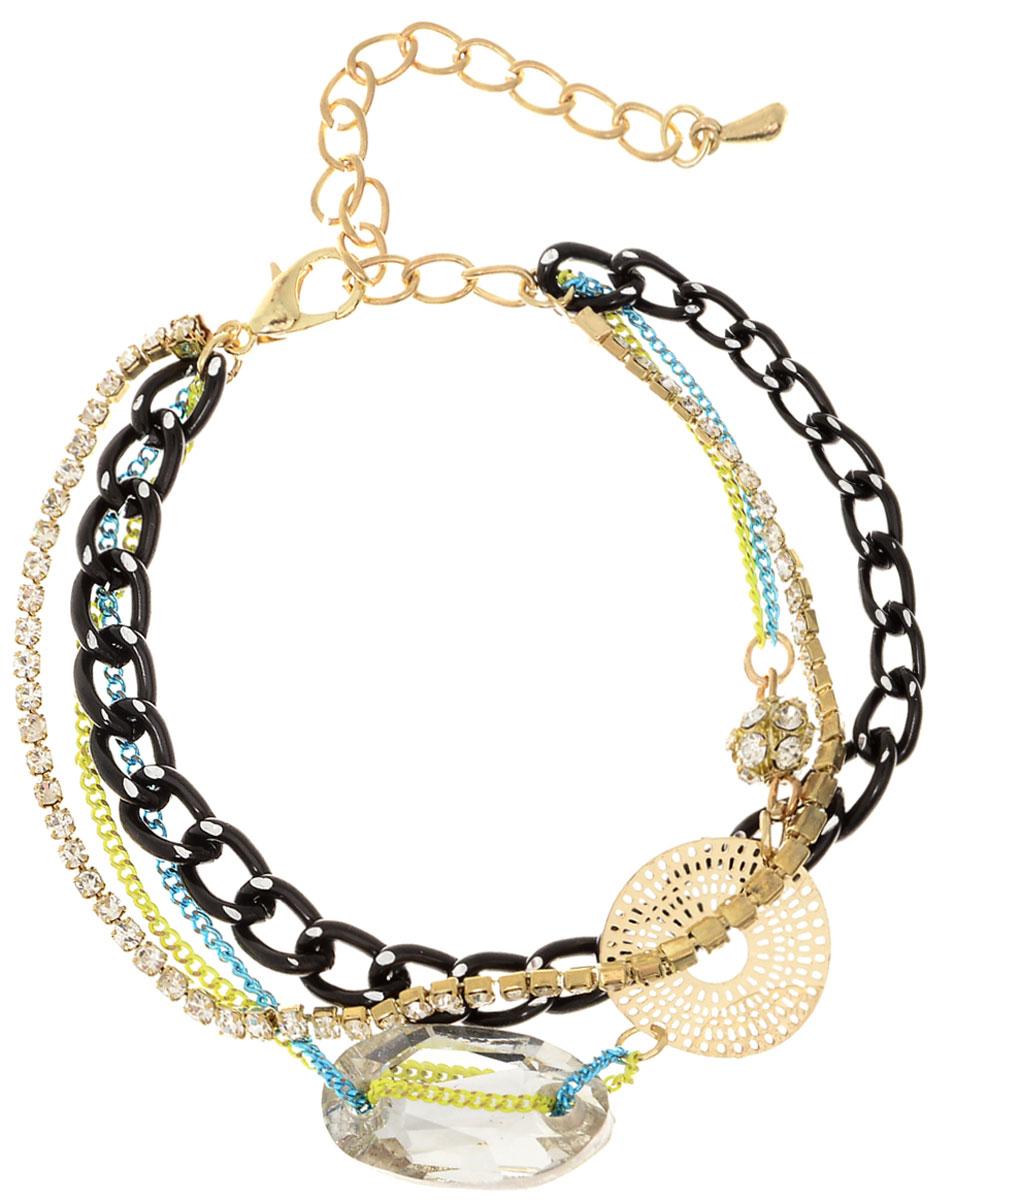 Браслет женский Taya, цвет: золотой, черный. T-B-7516-BRAC-MULTIT-B-7516-BRAC-MULTIМногослойный и многоцветный браслет из цепей, нитки страз и прозрачного кристалла.